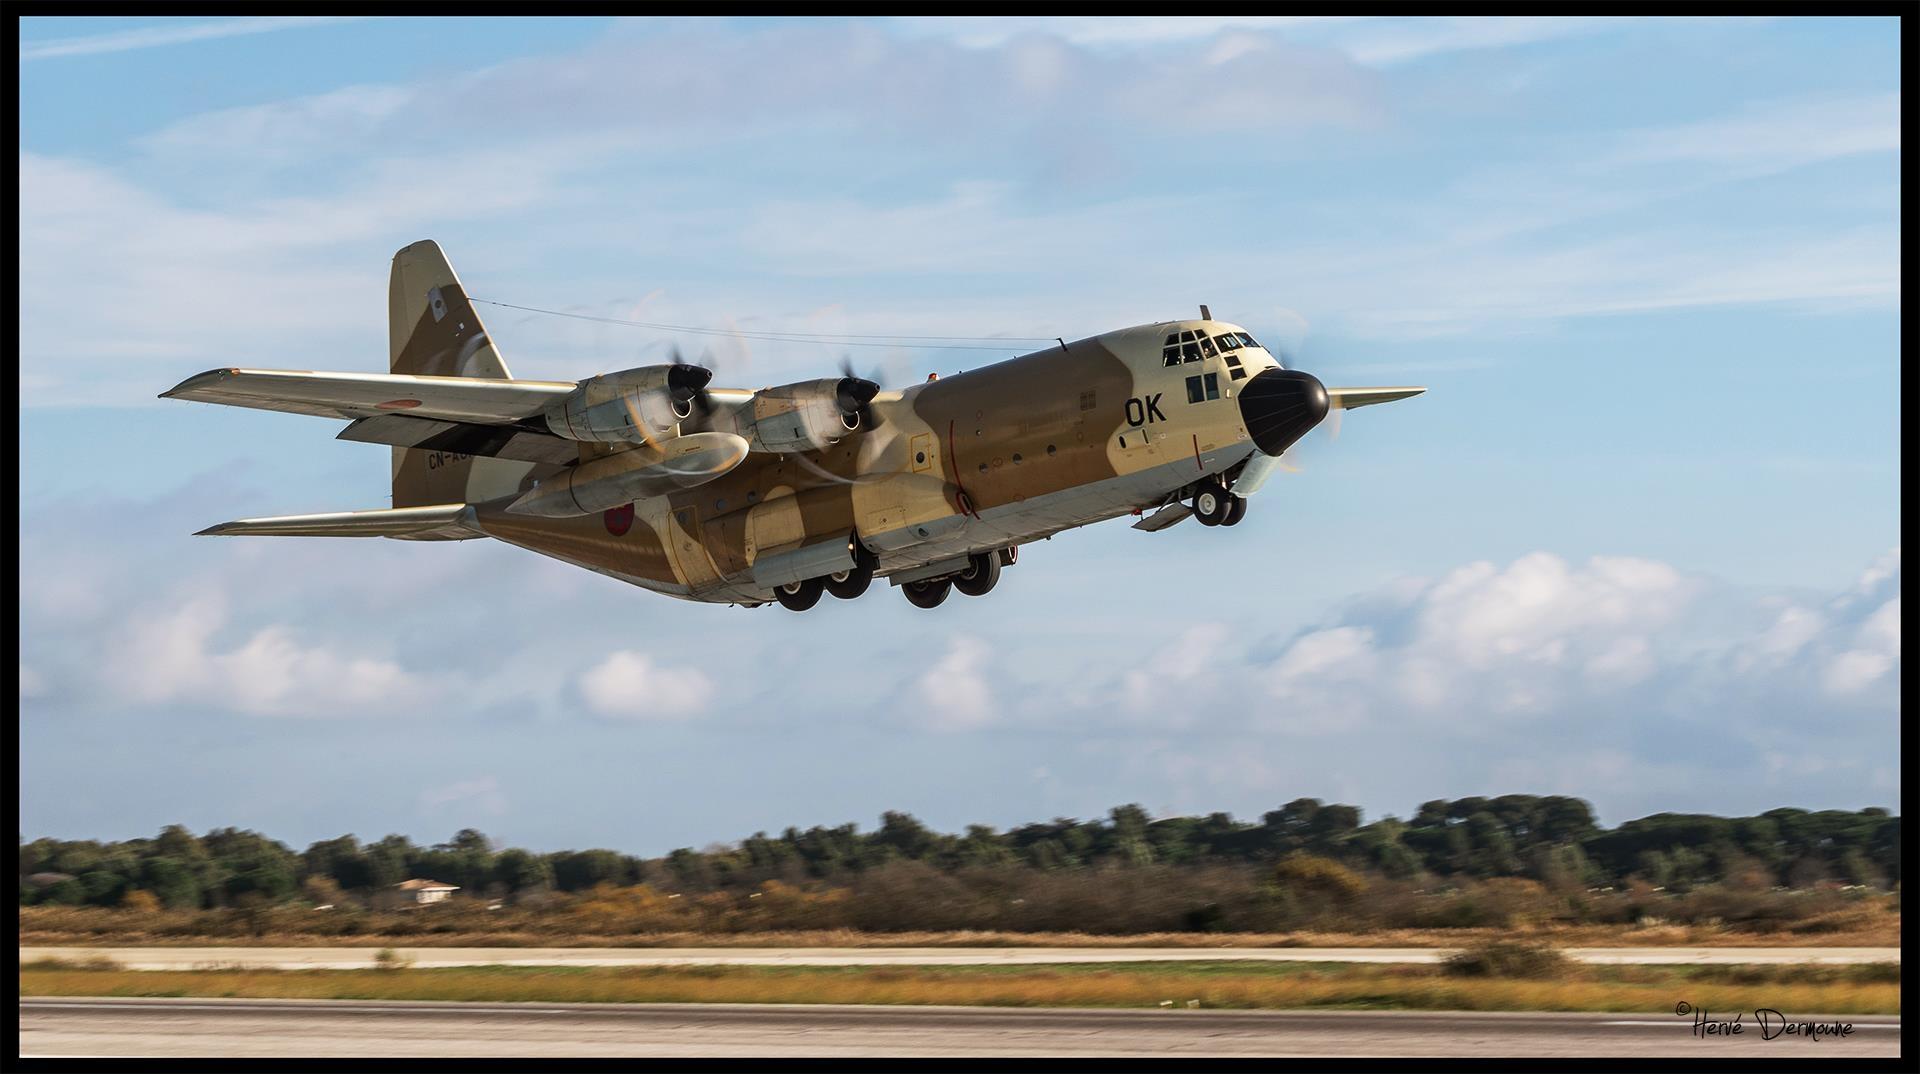 FRA: Photos d'avions de transport - Page 36 Clipb213